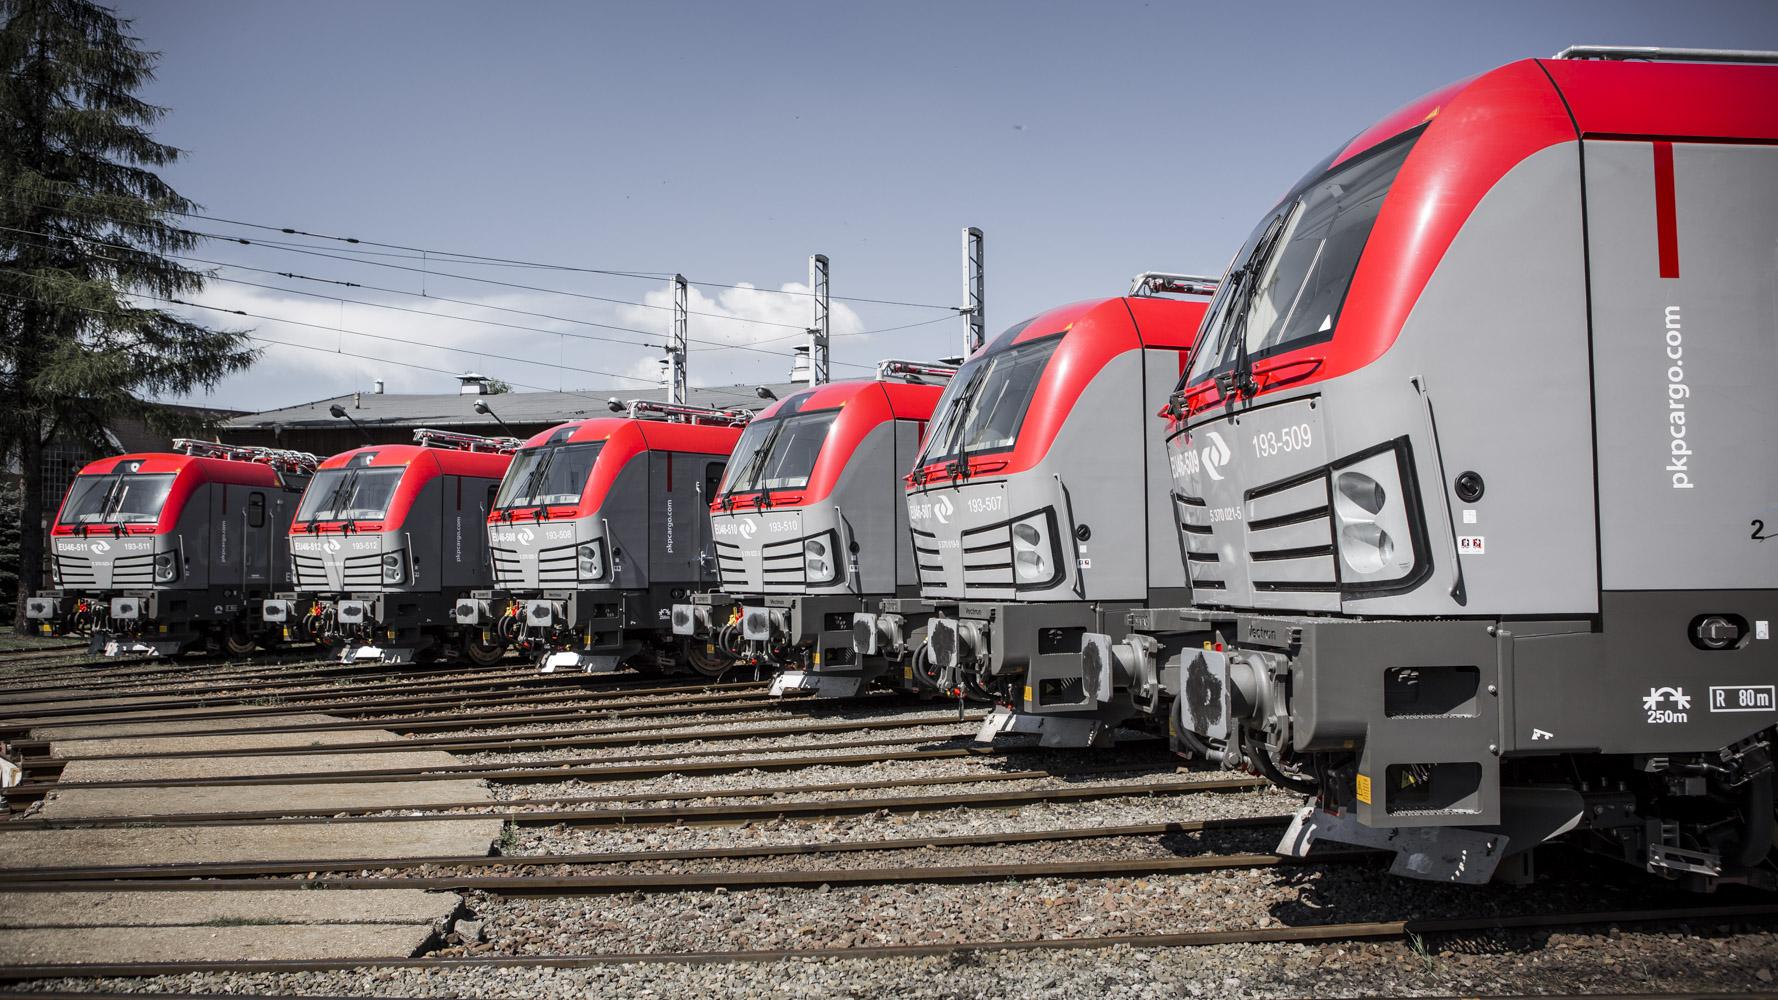 9,7 mln ton więcej-UTK porównuje przewozy towarowe w I półroczu 2018 r. do I półrocza 2017 r.